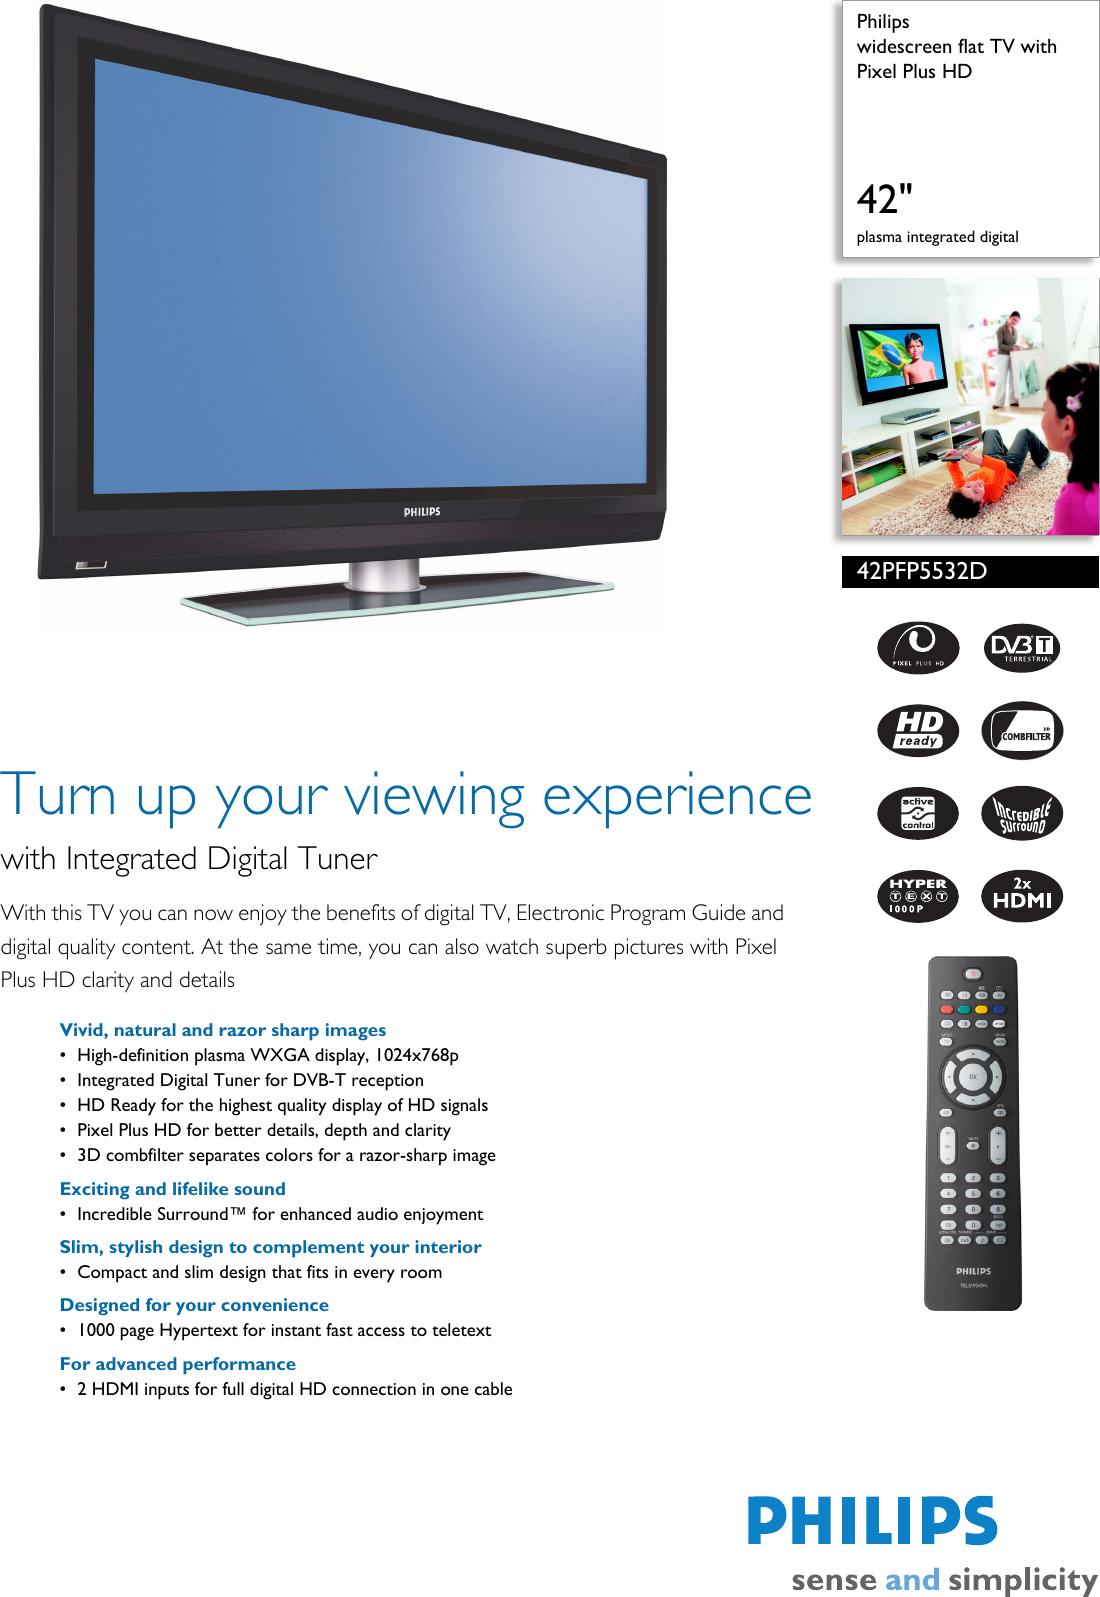 Philips 42Pfp5532D Users Manual 42PFP5532D/12 Widescreen Flat TV